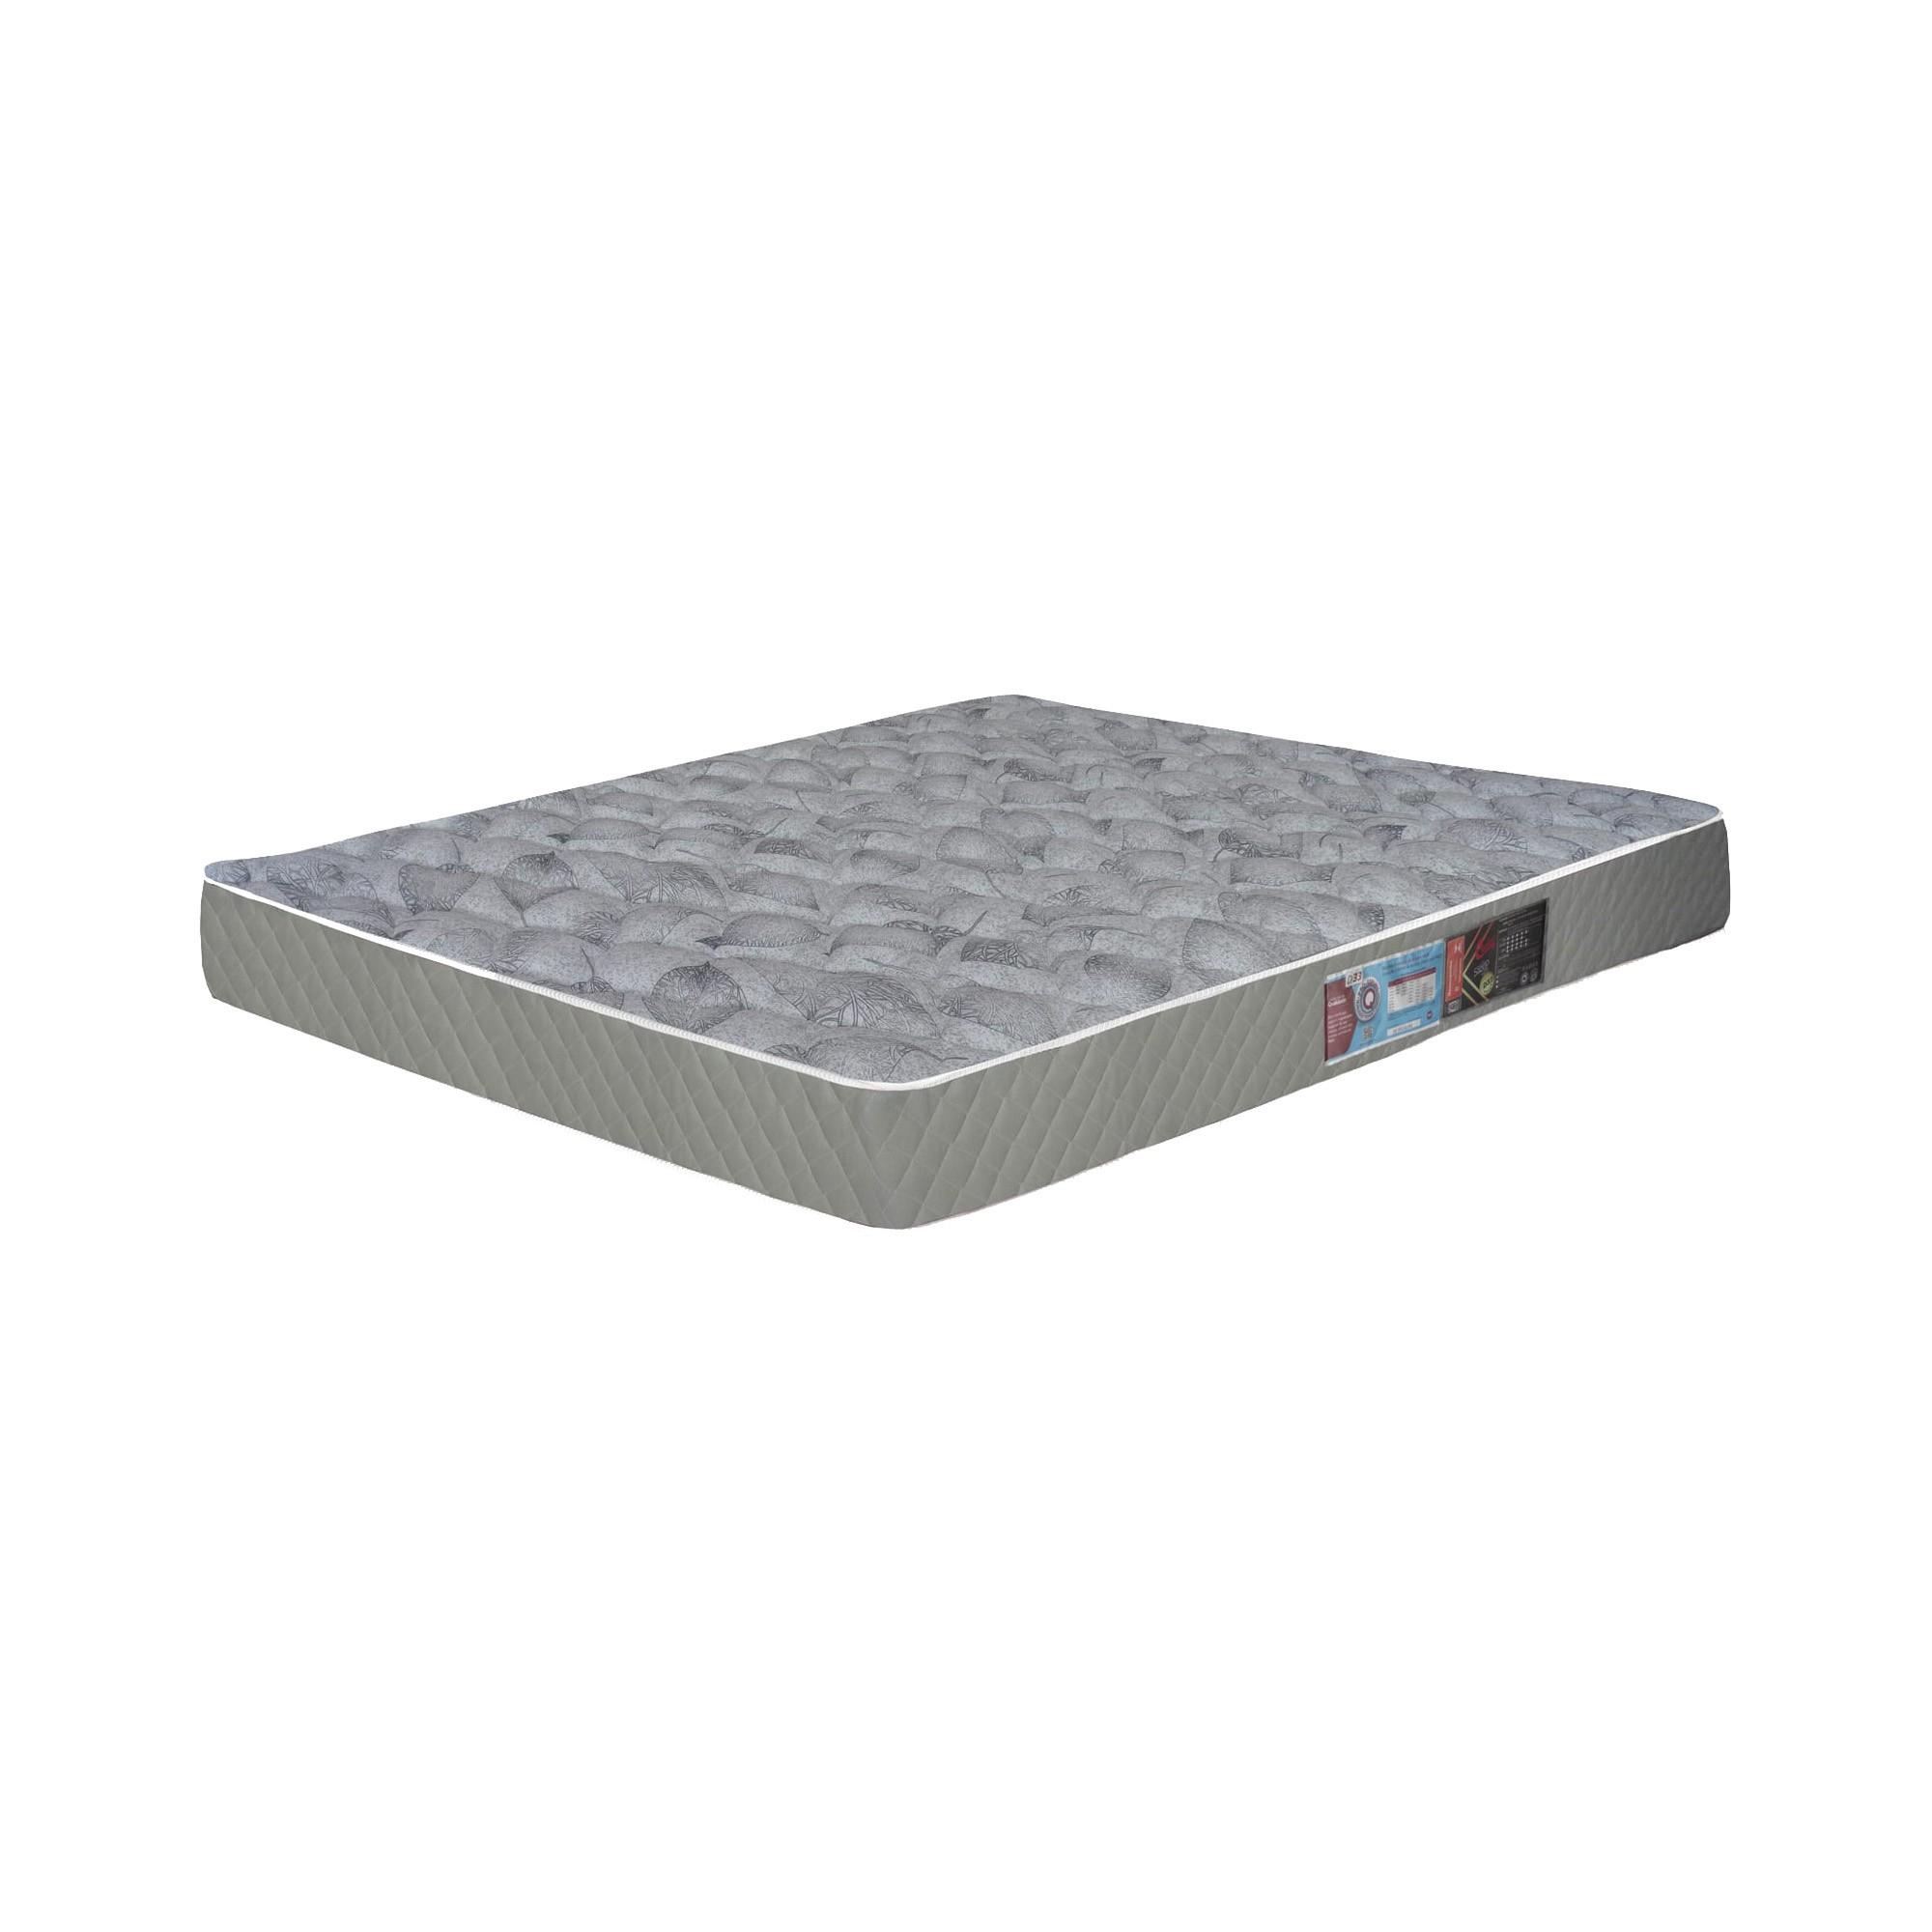 Colchão Castor Sleep Max D33 18 cm [Viúva 128 x 188 cm]